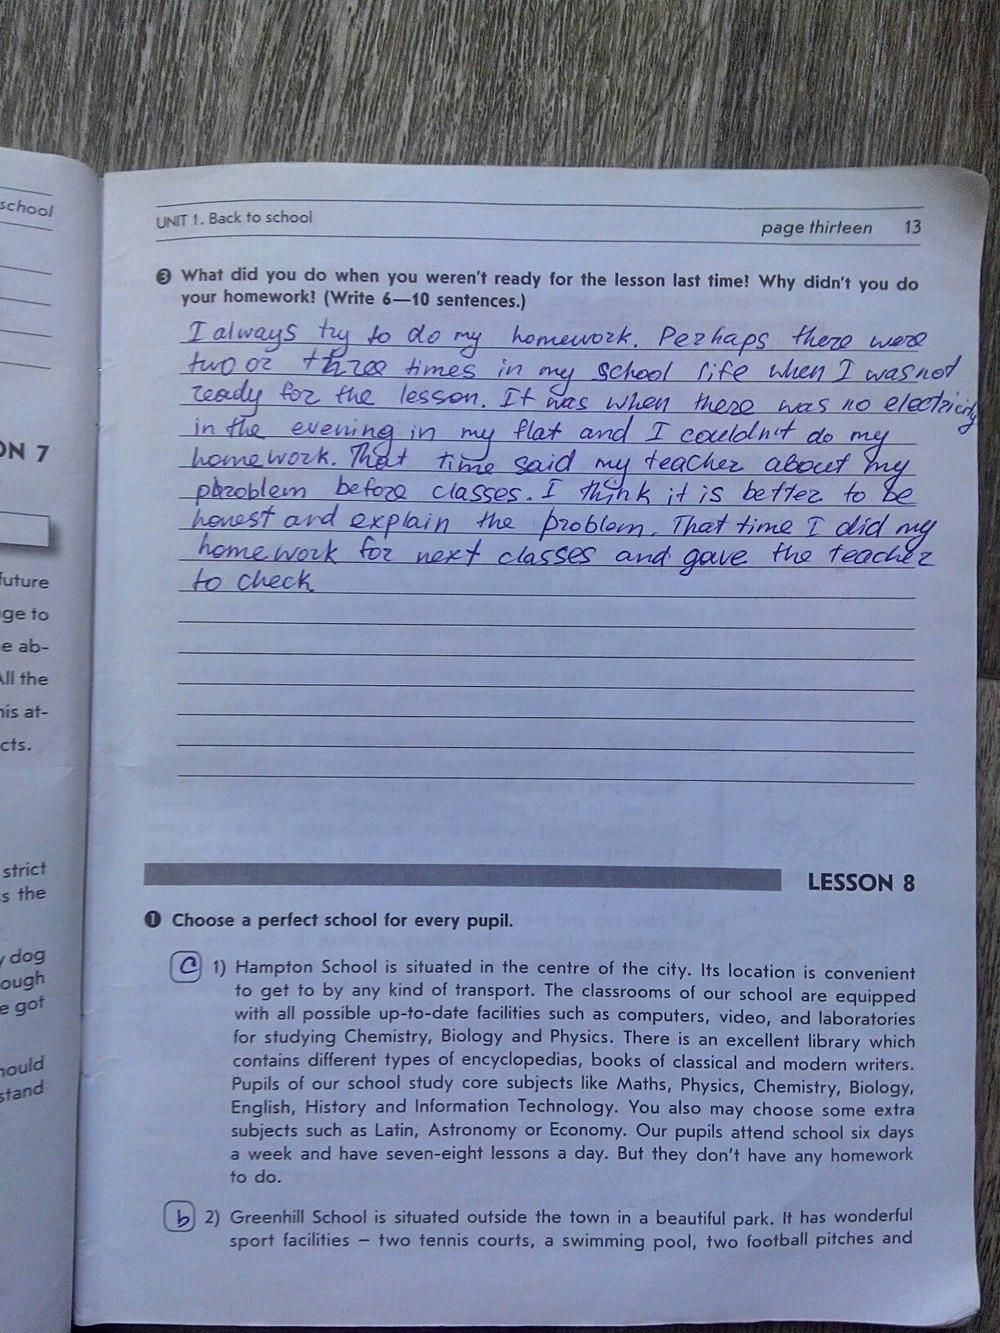 ГДЗ відповіді робочий зошит по английскому языку 8 класс О.М. Павліченко. Задание: стр. 13